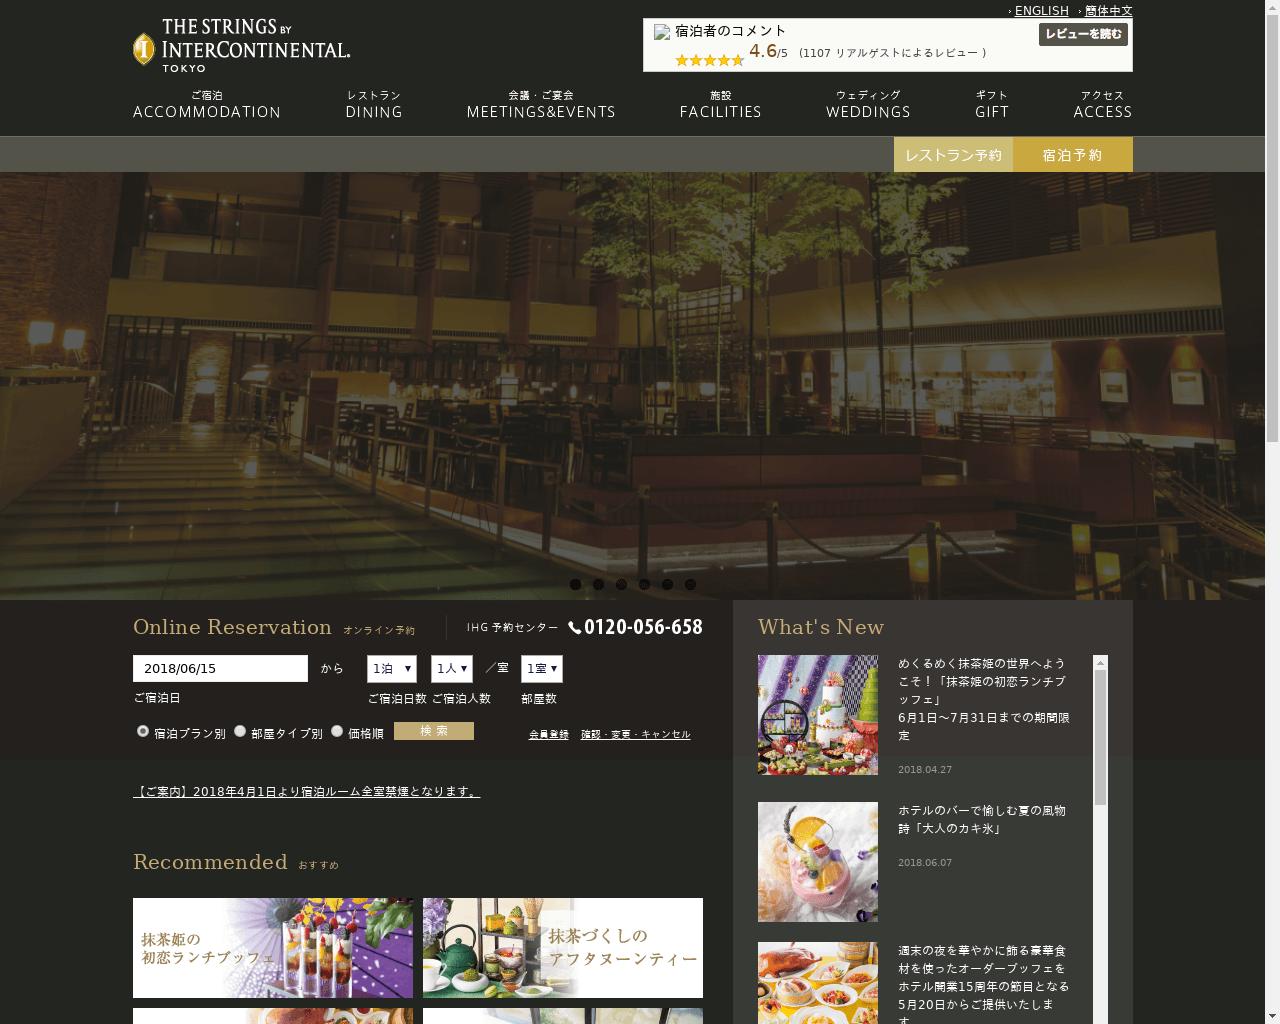 高級ホテル特集 ストリングスホテル東京インターコンチネンタル